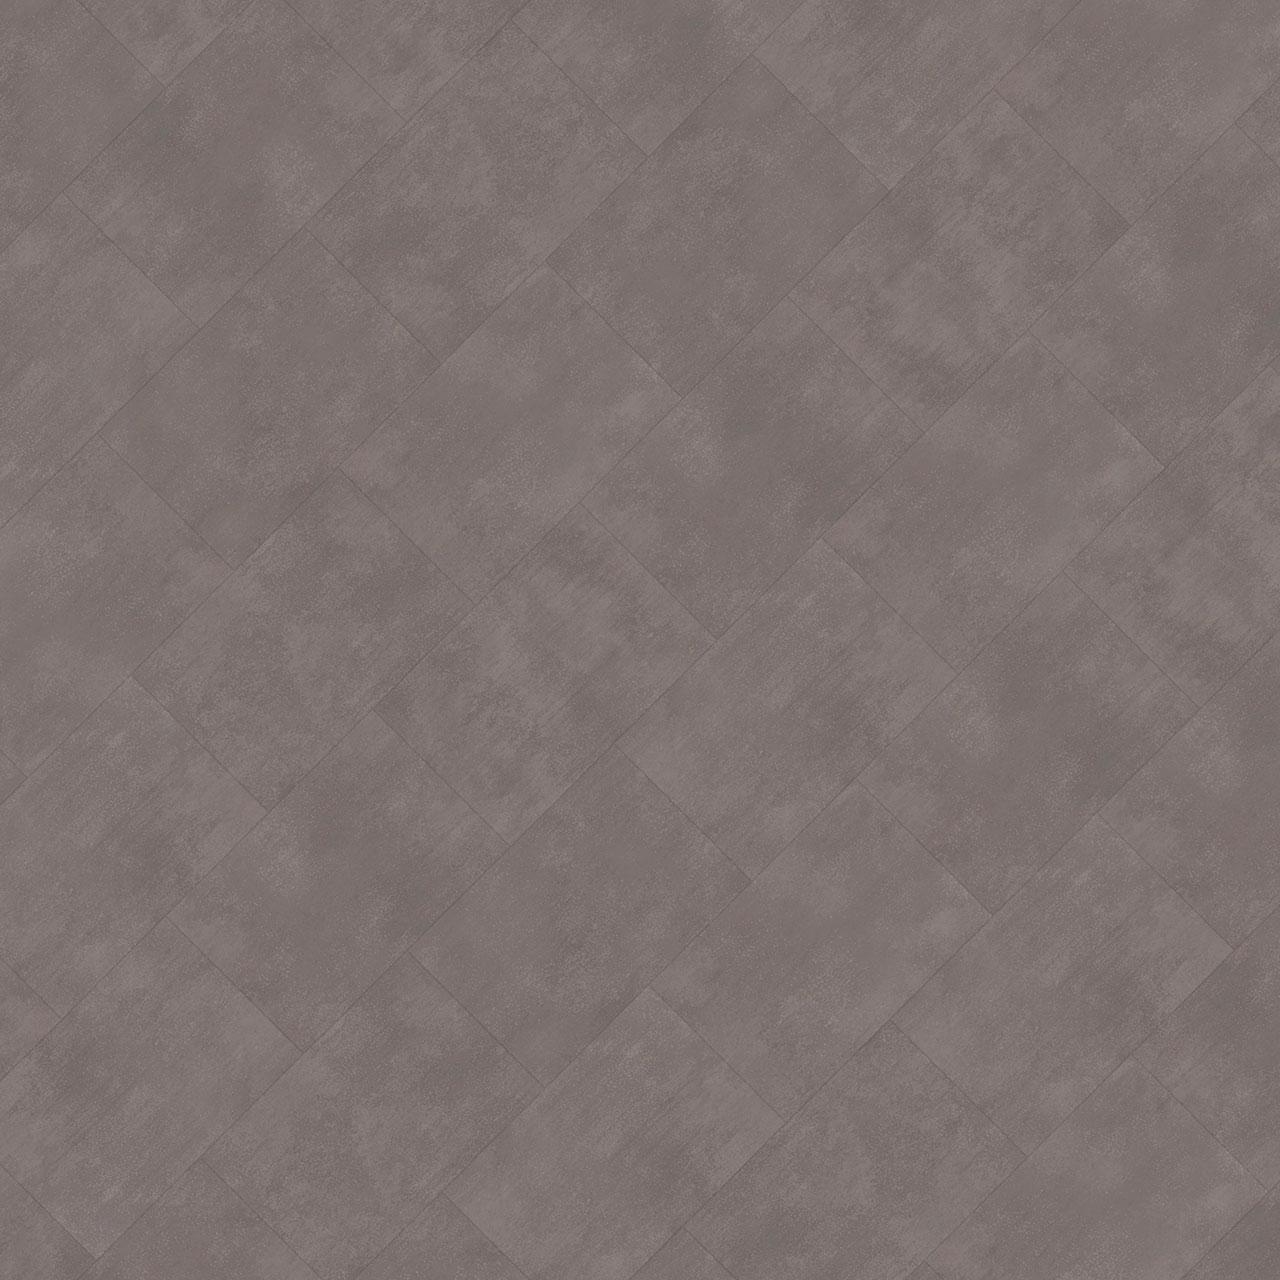 polished concrete floor swatch. Unique Swatch SS5A2627 For Polished Concrete Floor Swatch X